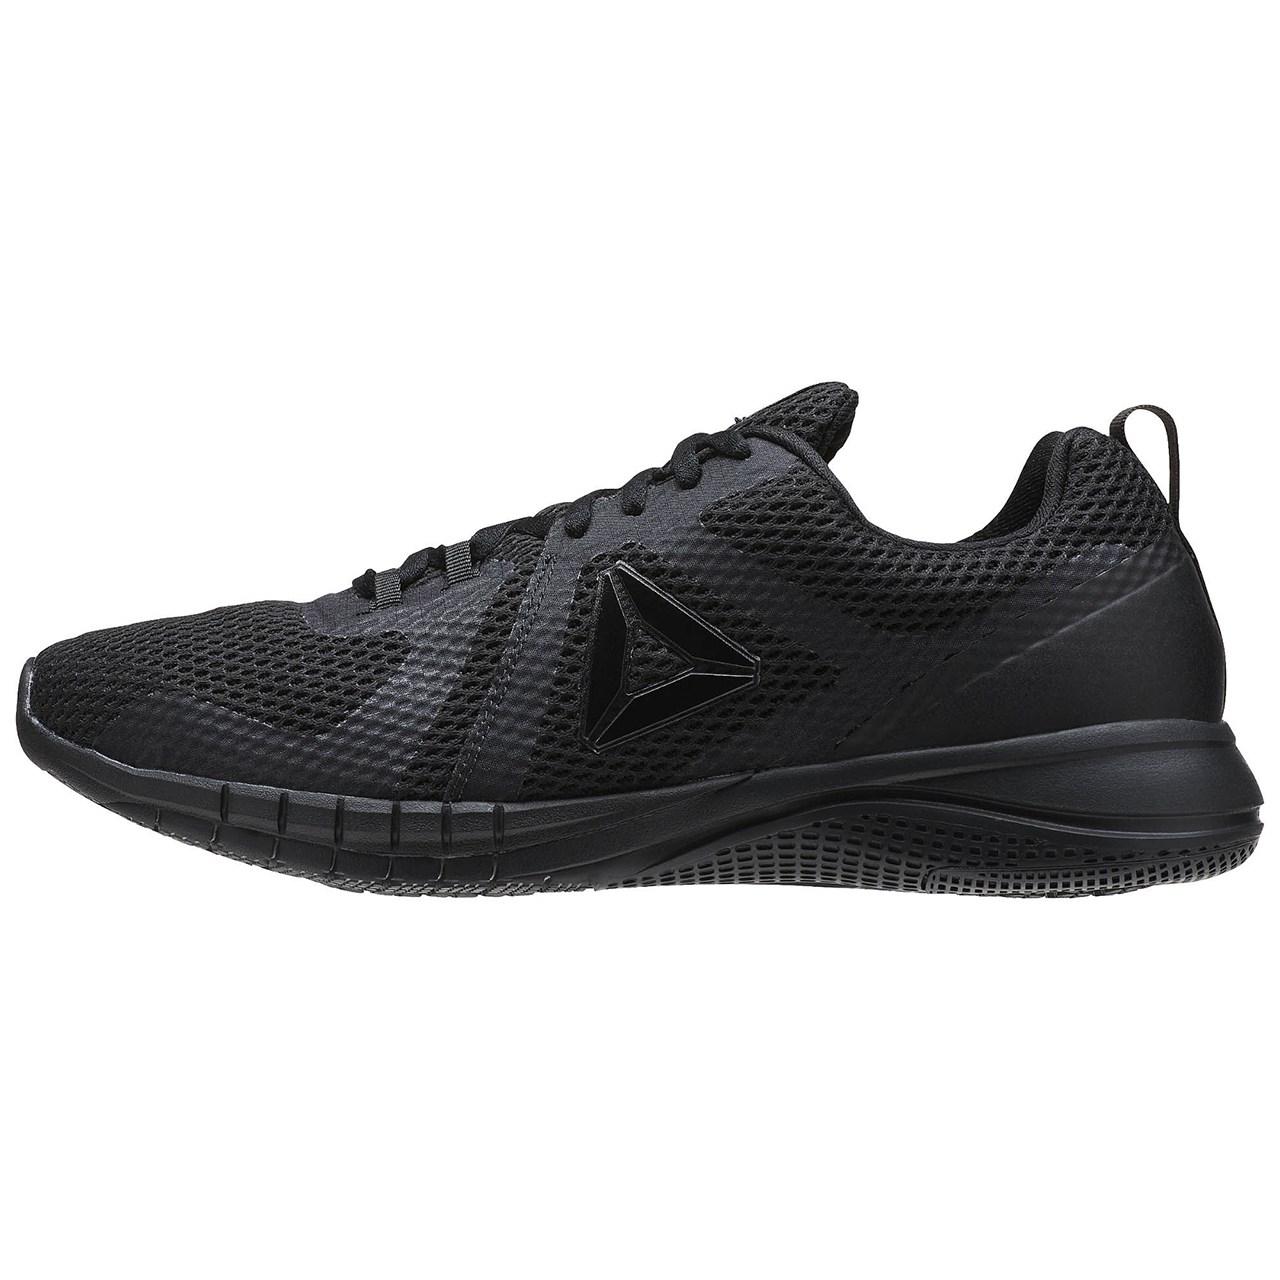 قیمت کفش مخصوص دویدن مردانه ریباک مدل Print Run 2.0